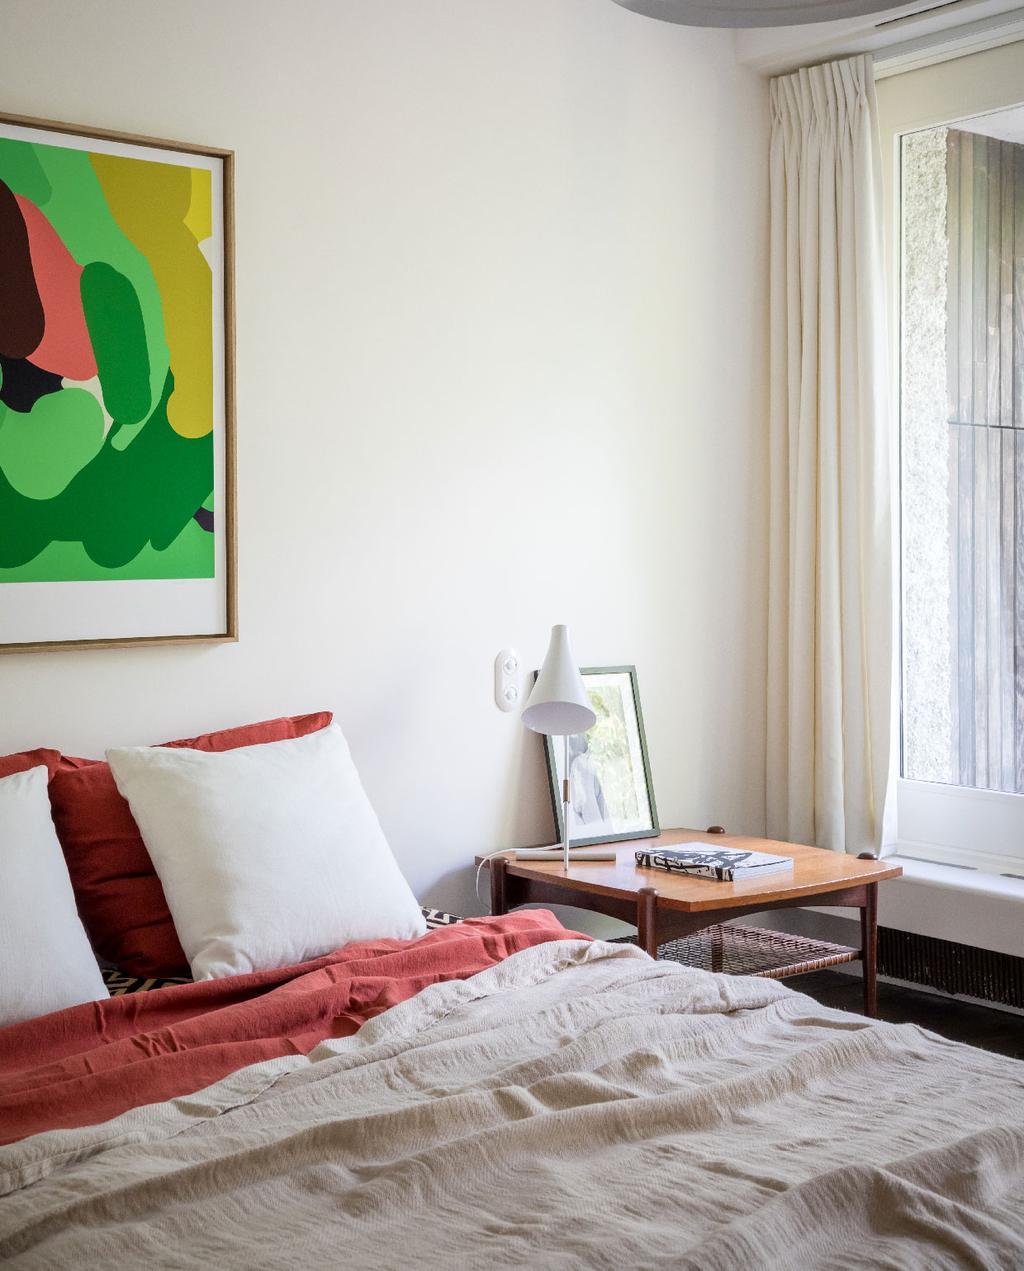 vtwonen 09-2020 binnenkijken frankrijk | slaapkamer rode en beige linnen lakens groen kunstwerk